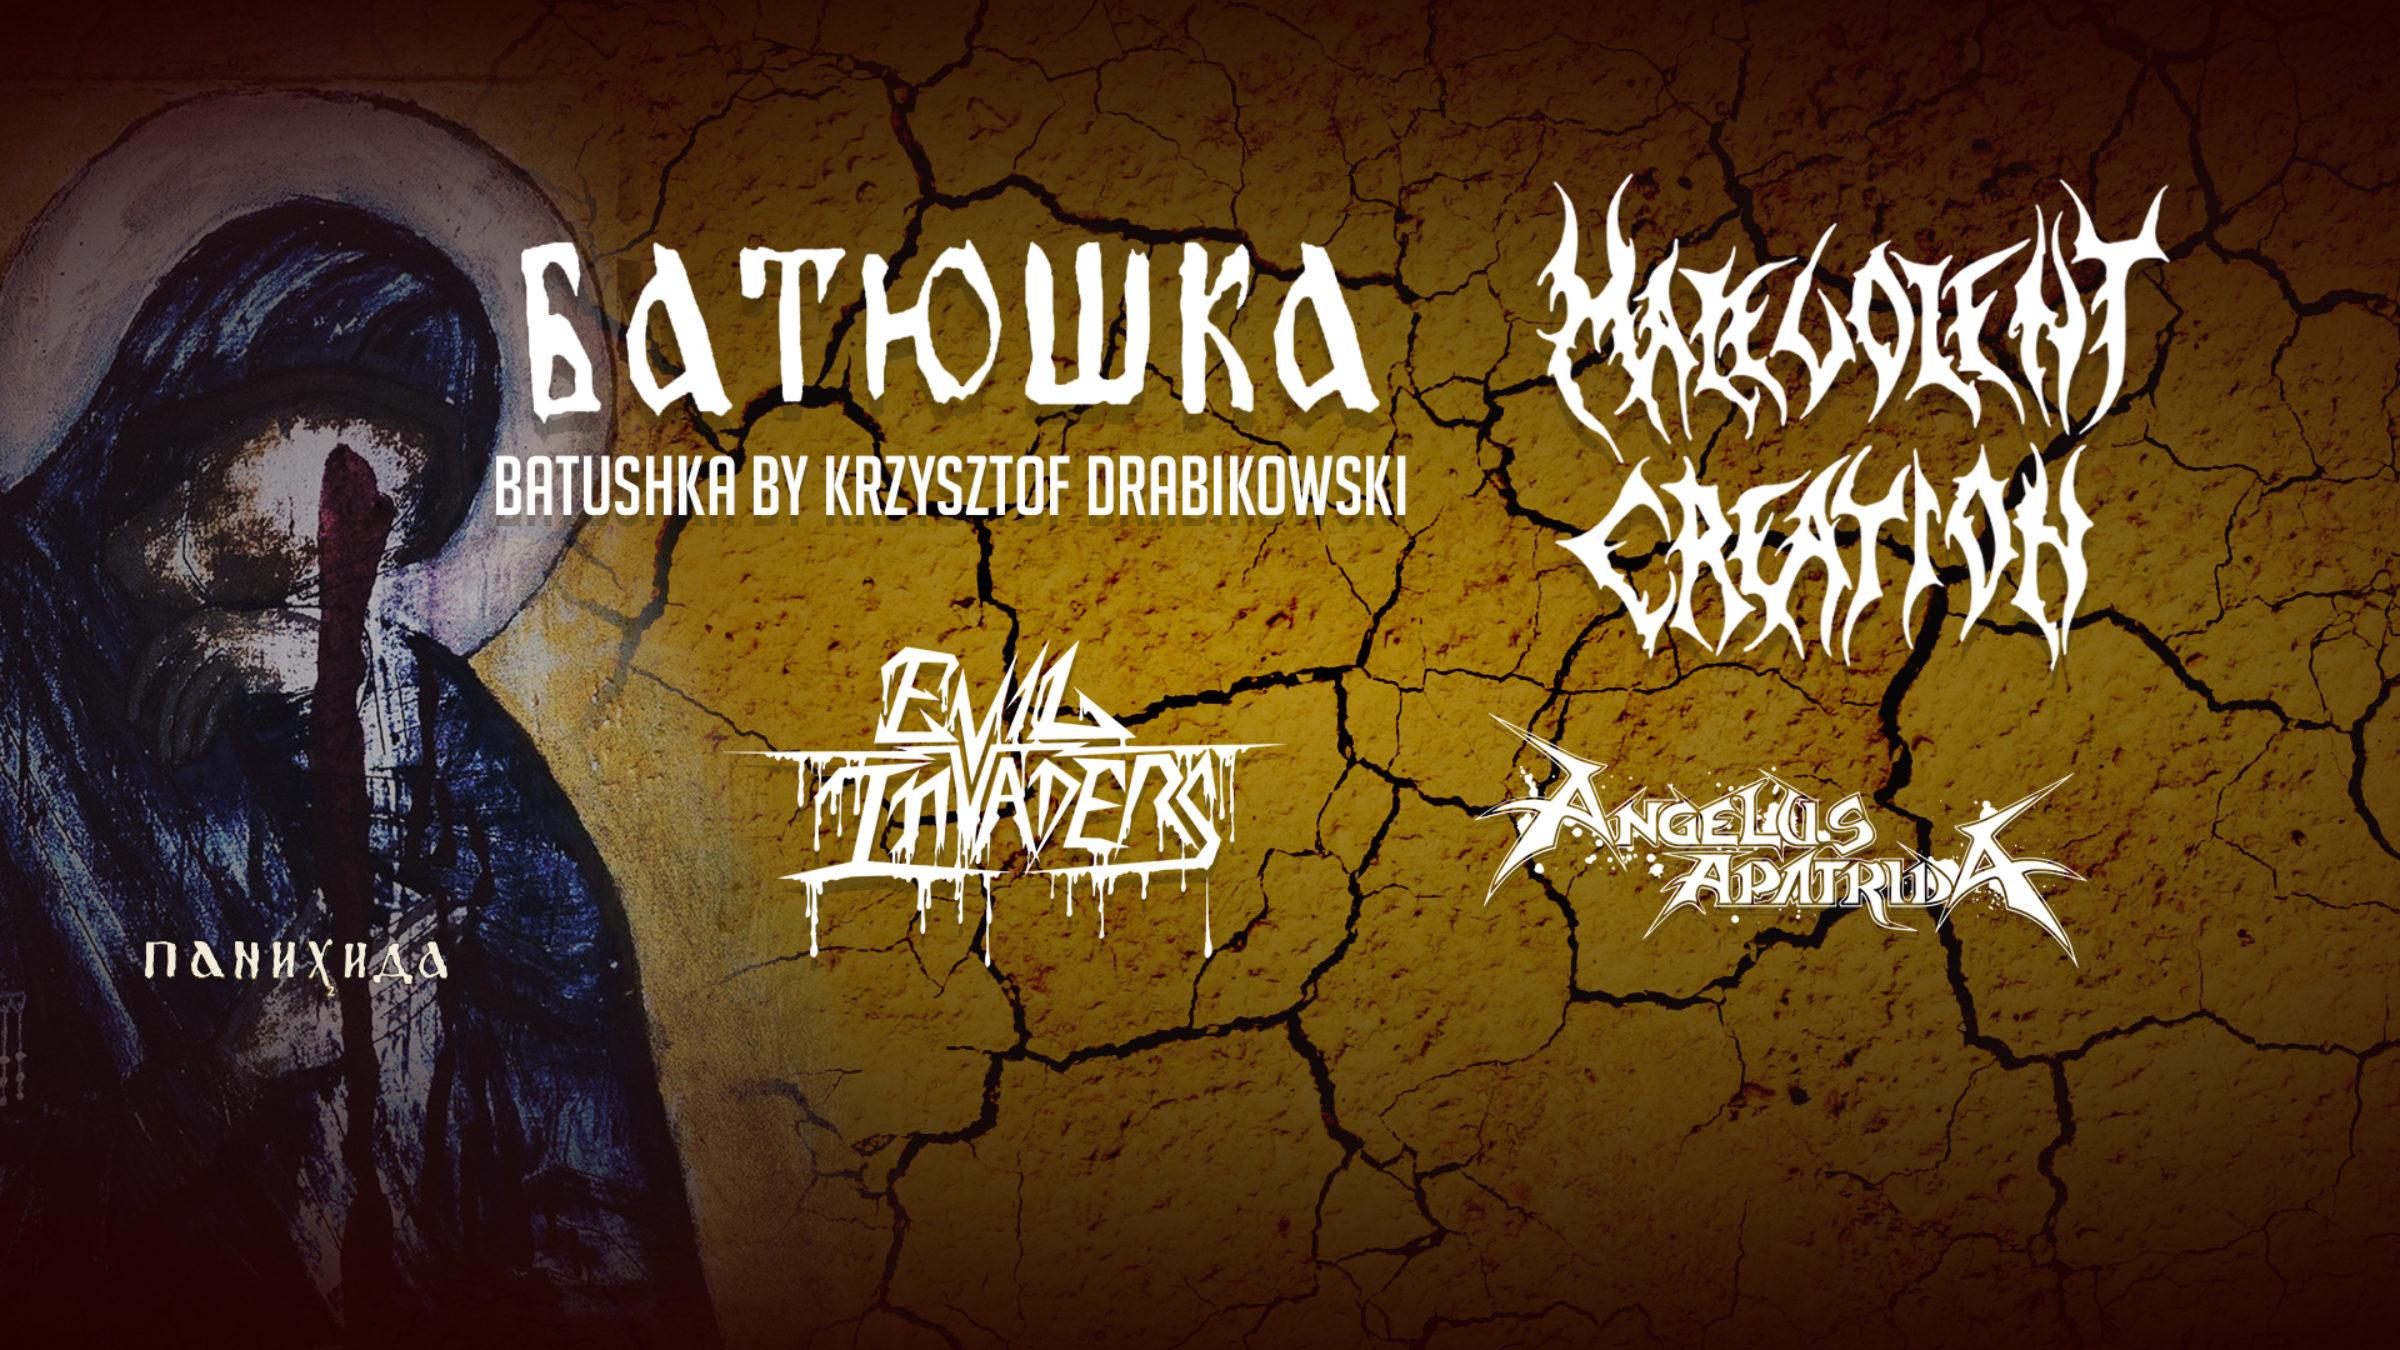 Batushka web 35hxtf6gd7